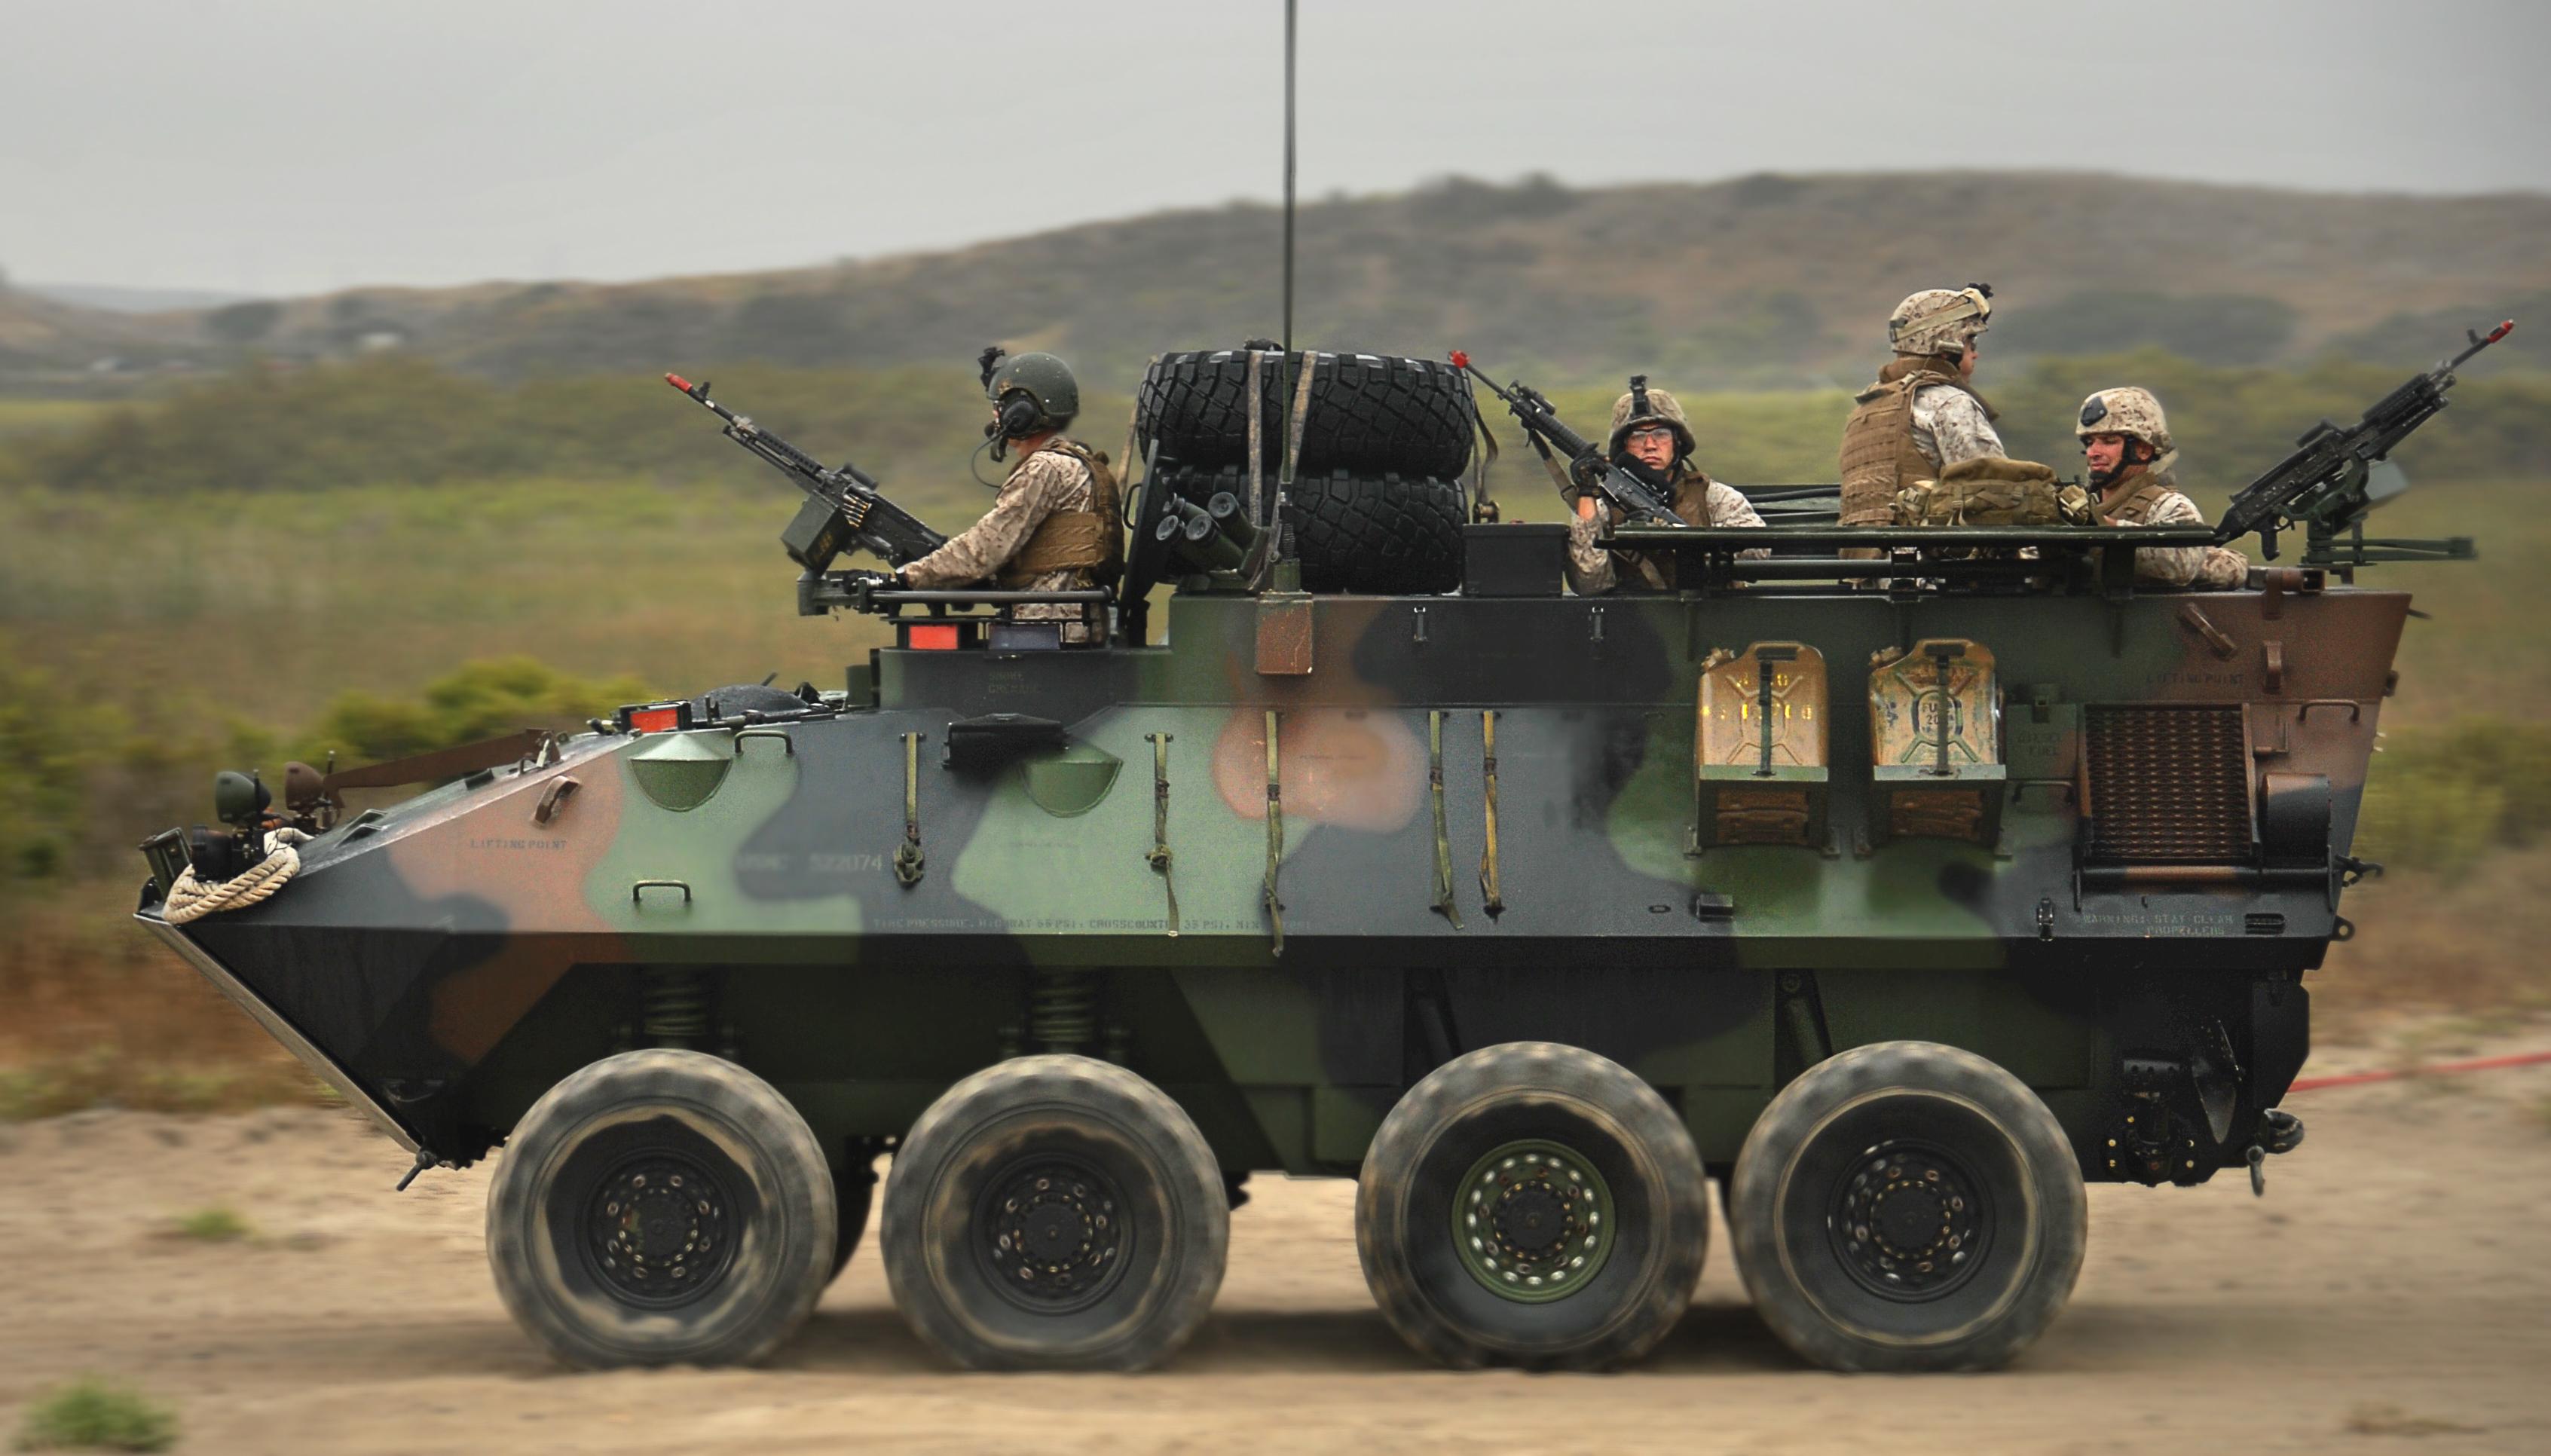 File:Light Armored Vehicle Nice Ideas